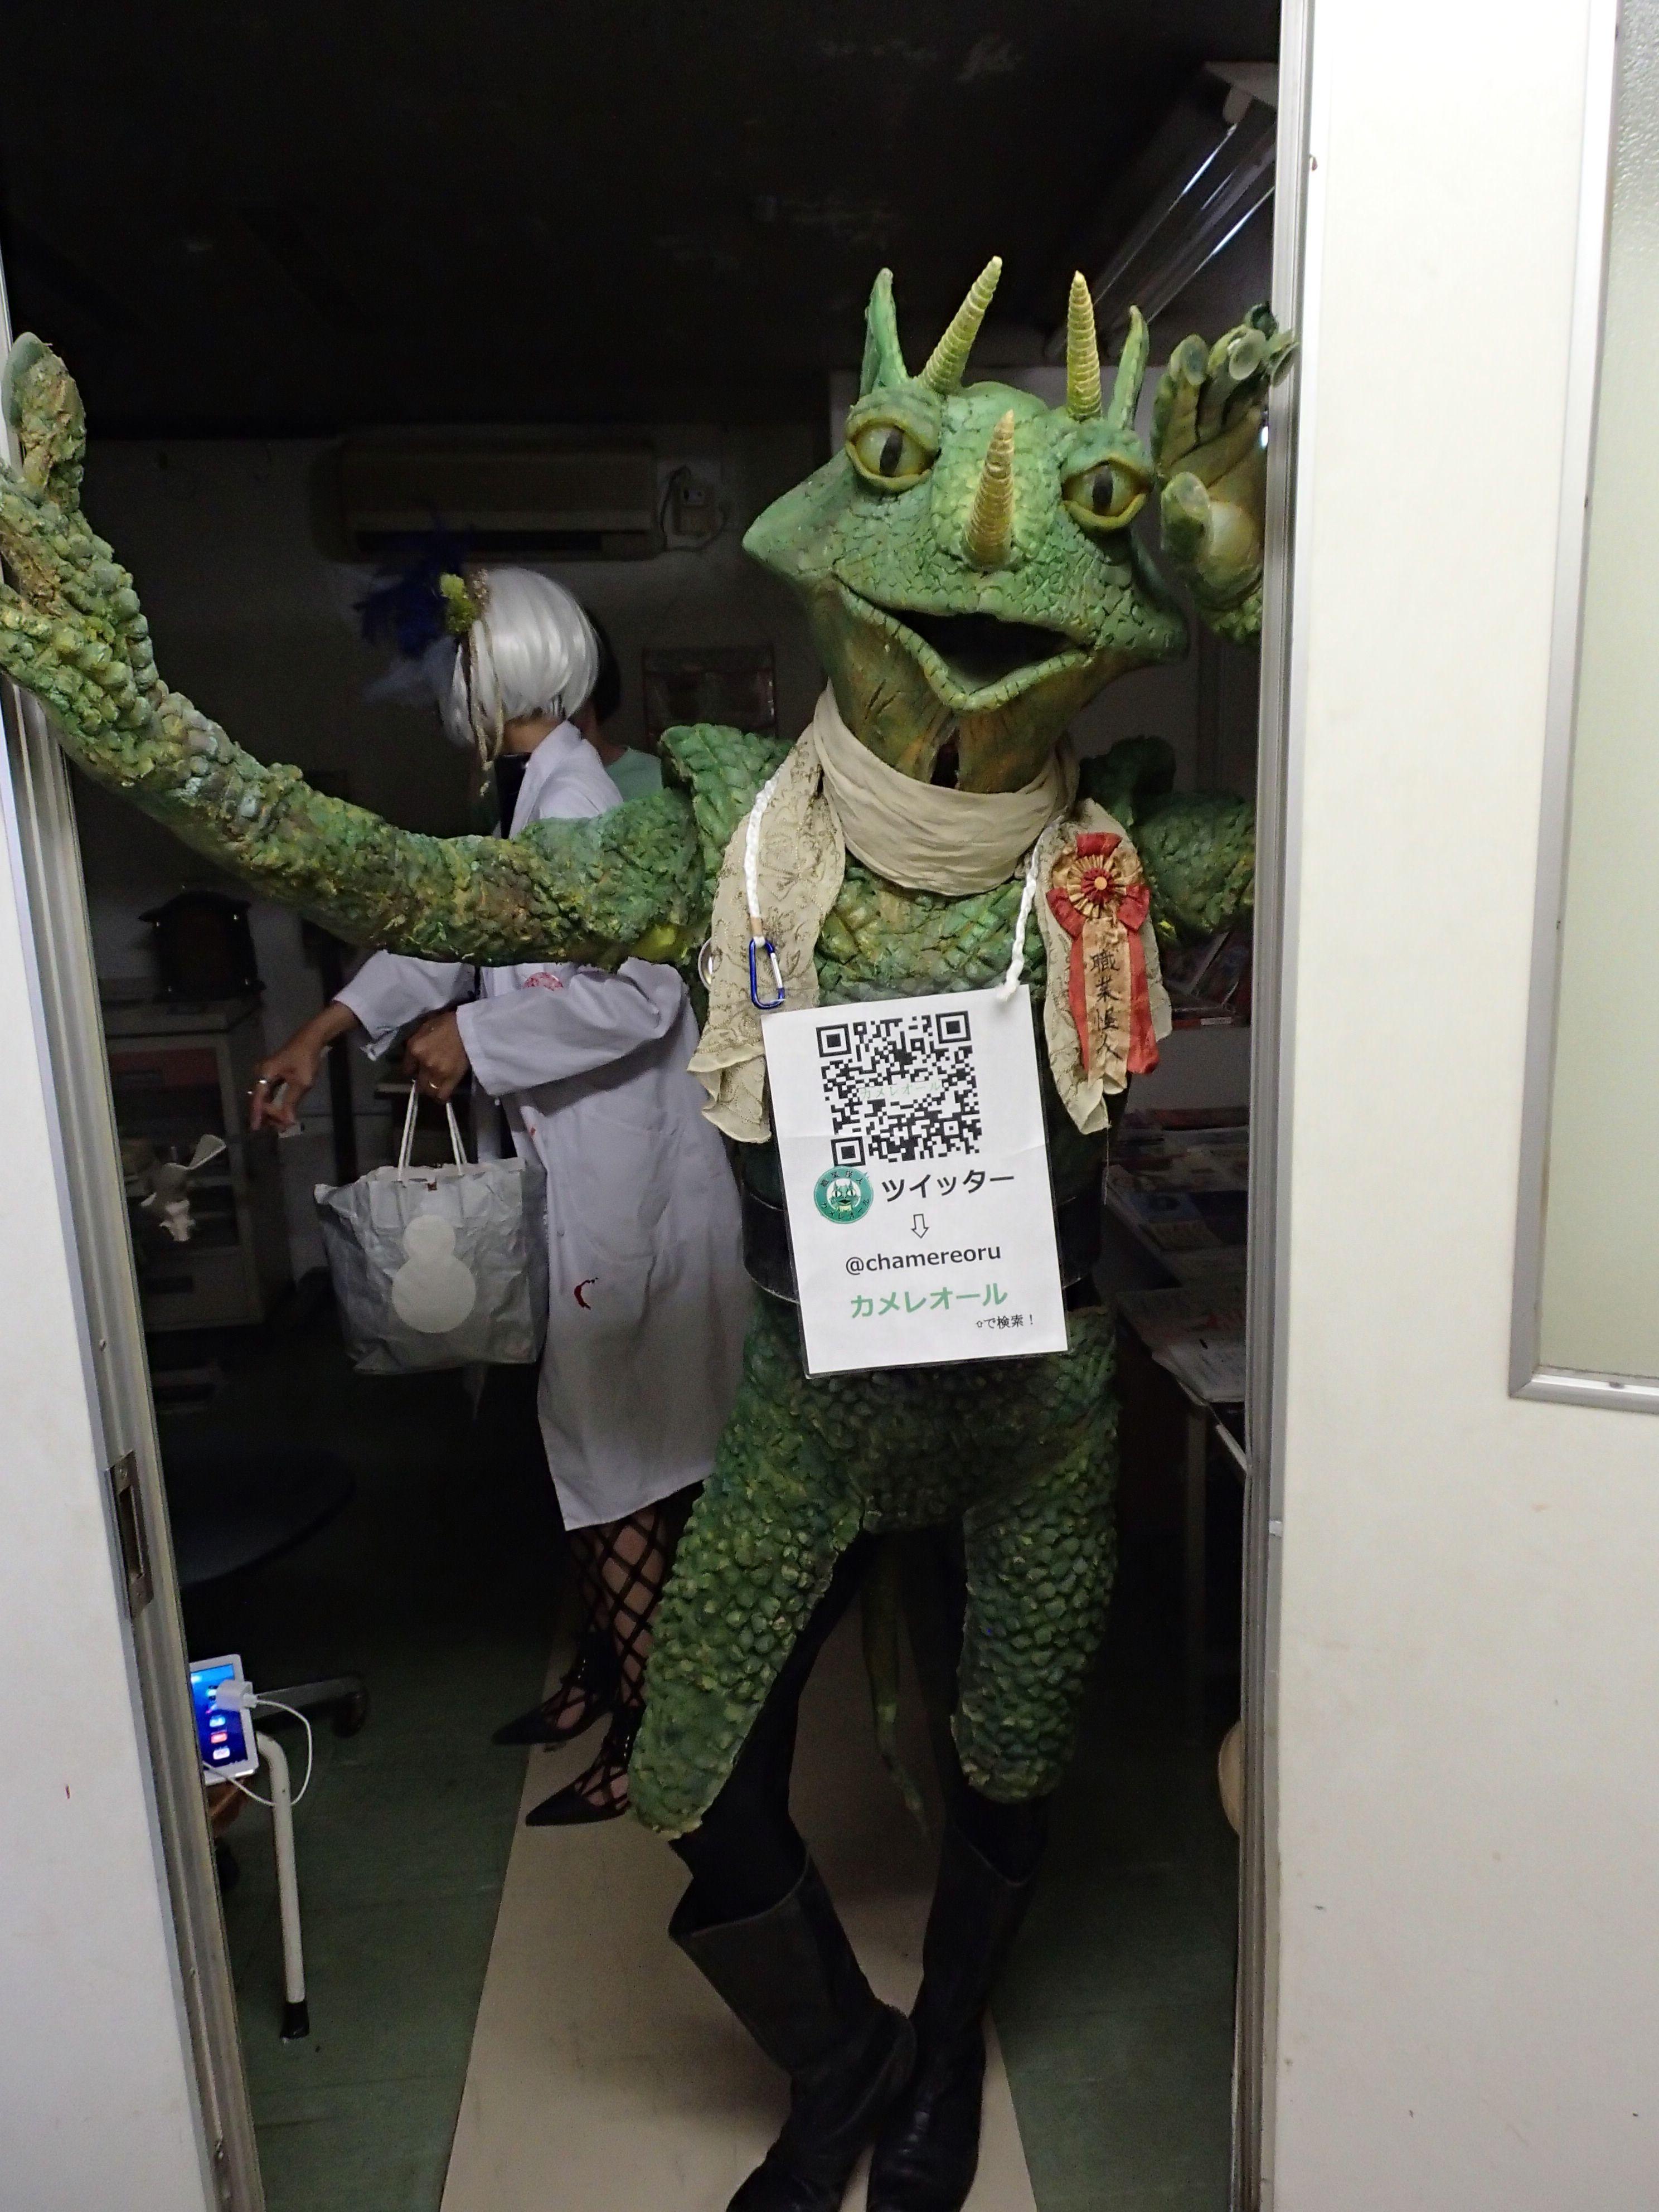 廃病院パーティーVOL.3 ザ★ファイナル@初台玉井病院スタジオ・職業怪人カメレオールさん